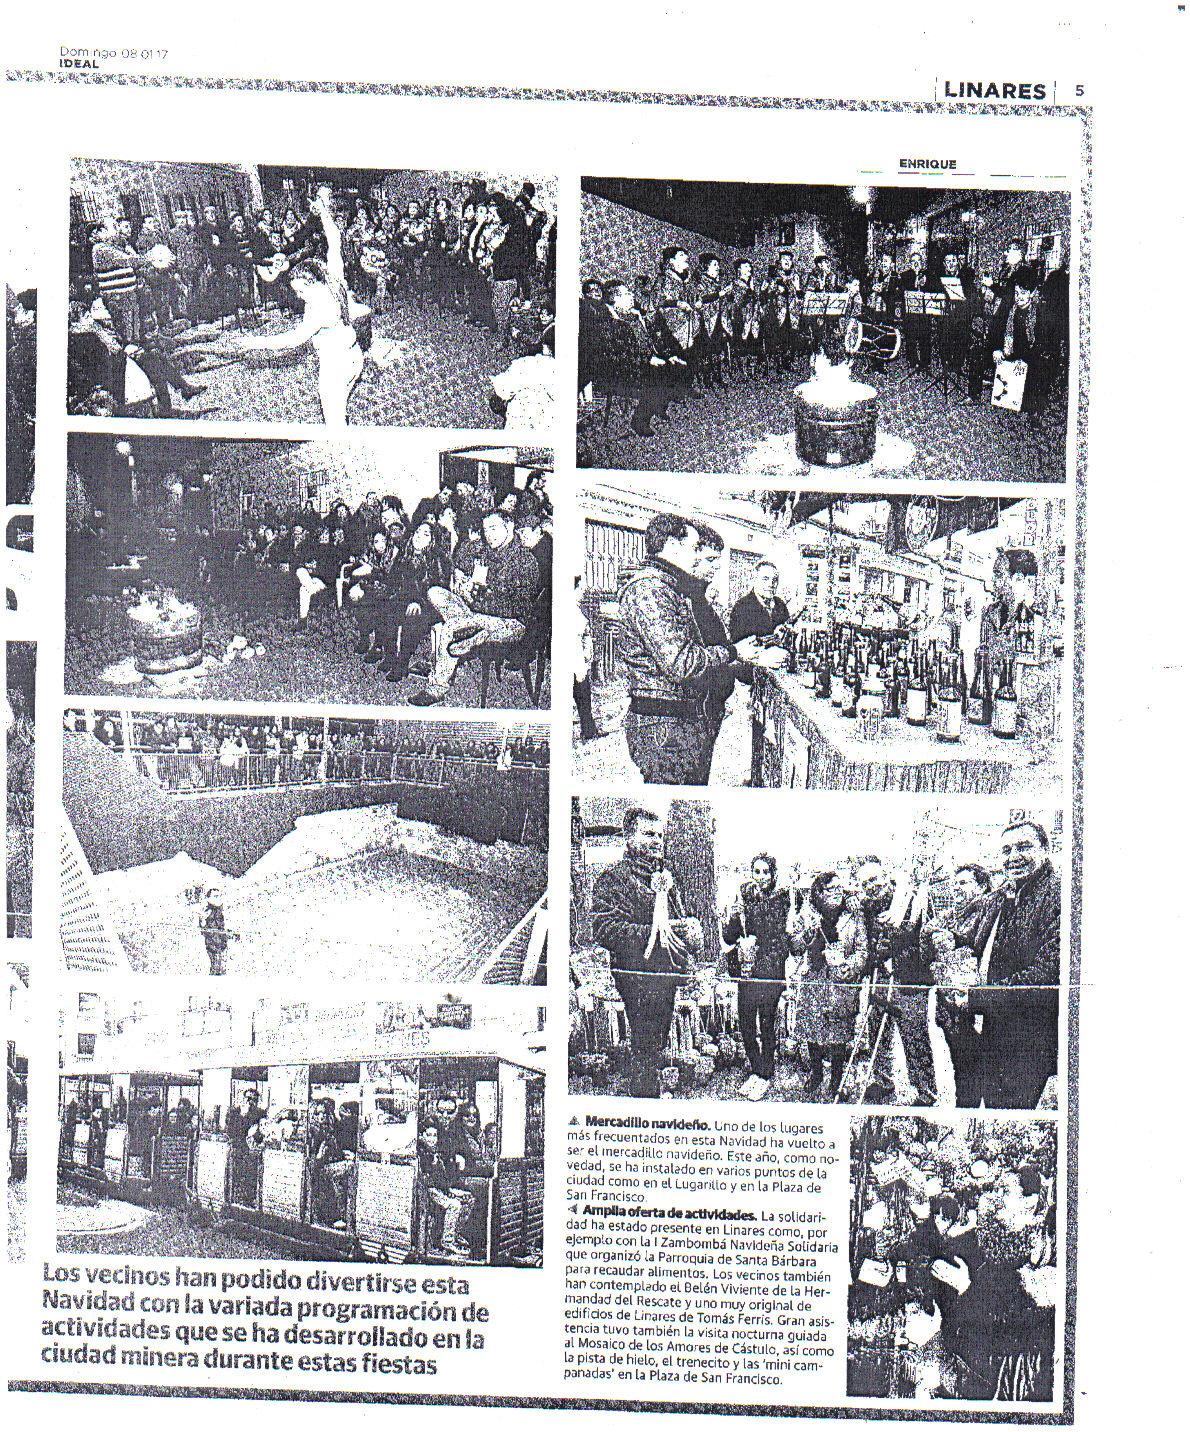 Prensa 8 de enero. Ideal